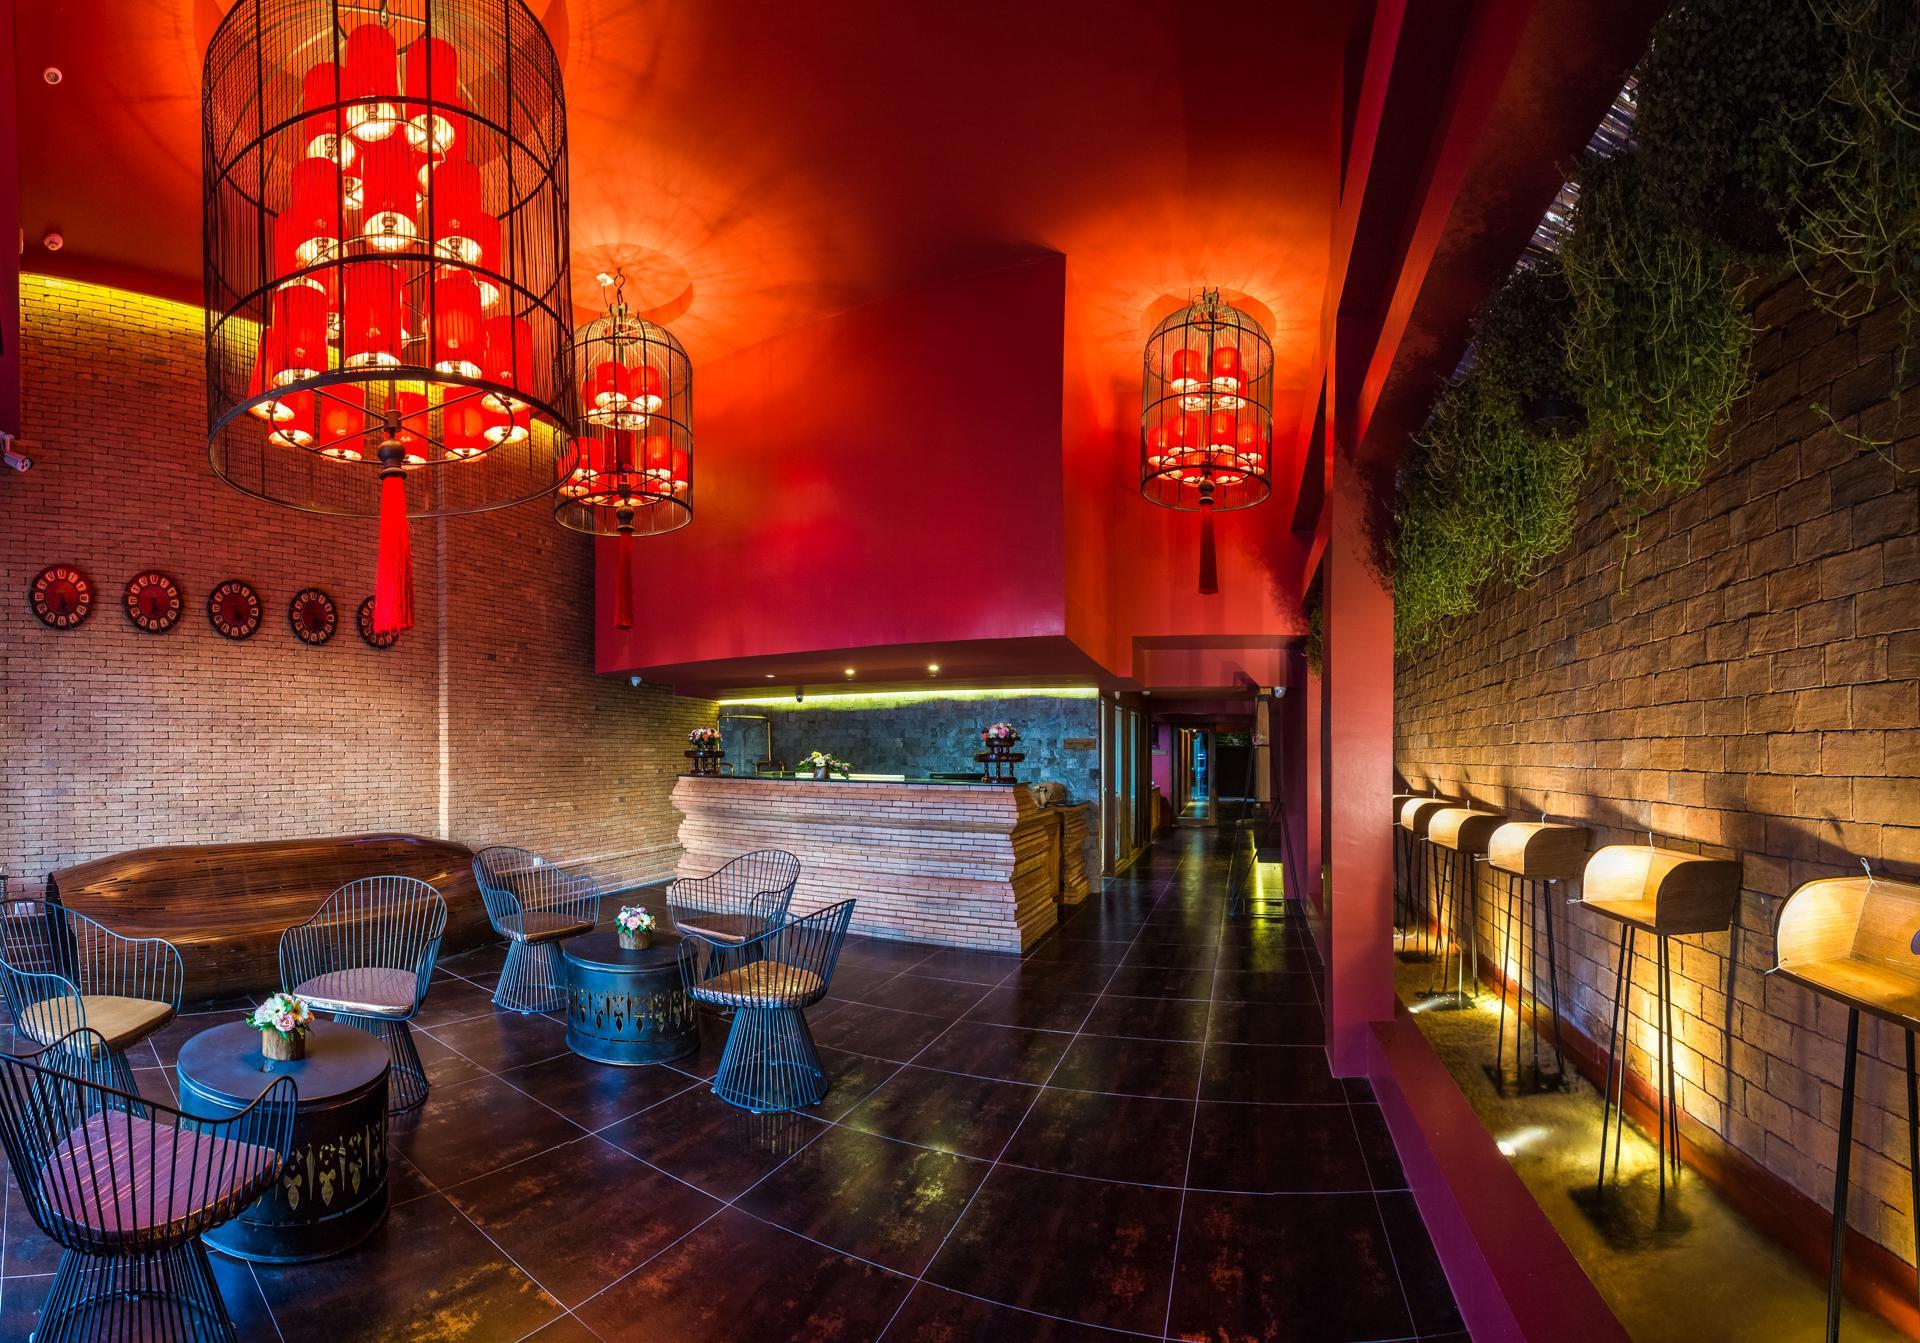 ราคาพิเศษ โรงแรมเลอ เพียว เชียงใหม่ (Le Pure Hotel Chiangmai) CR Pantip